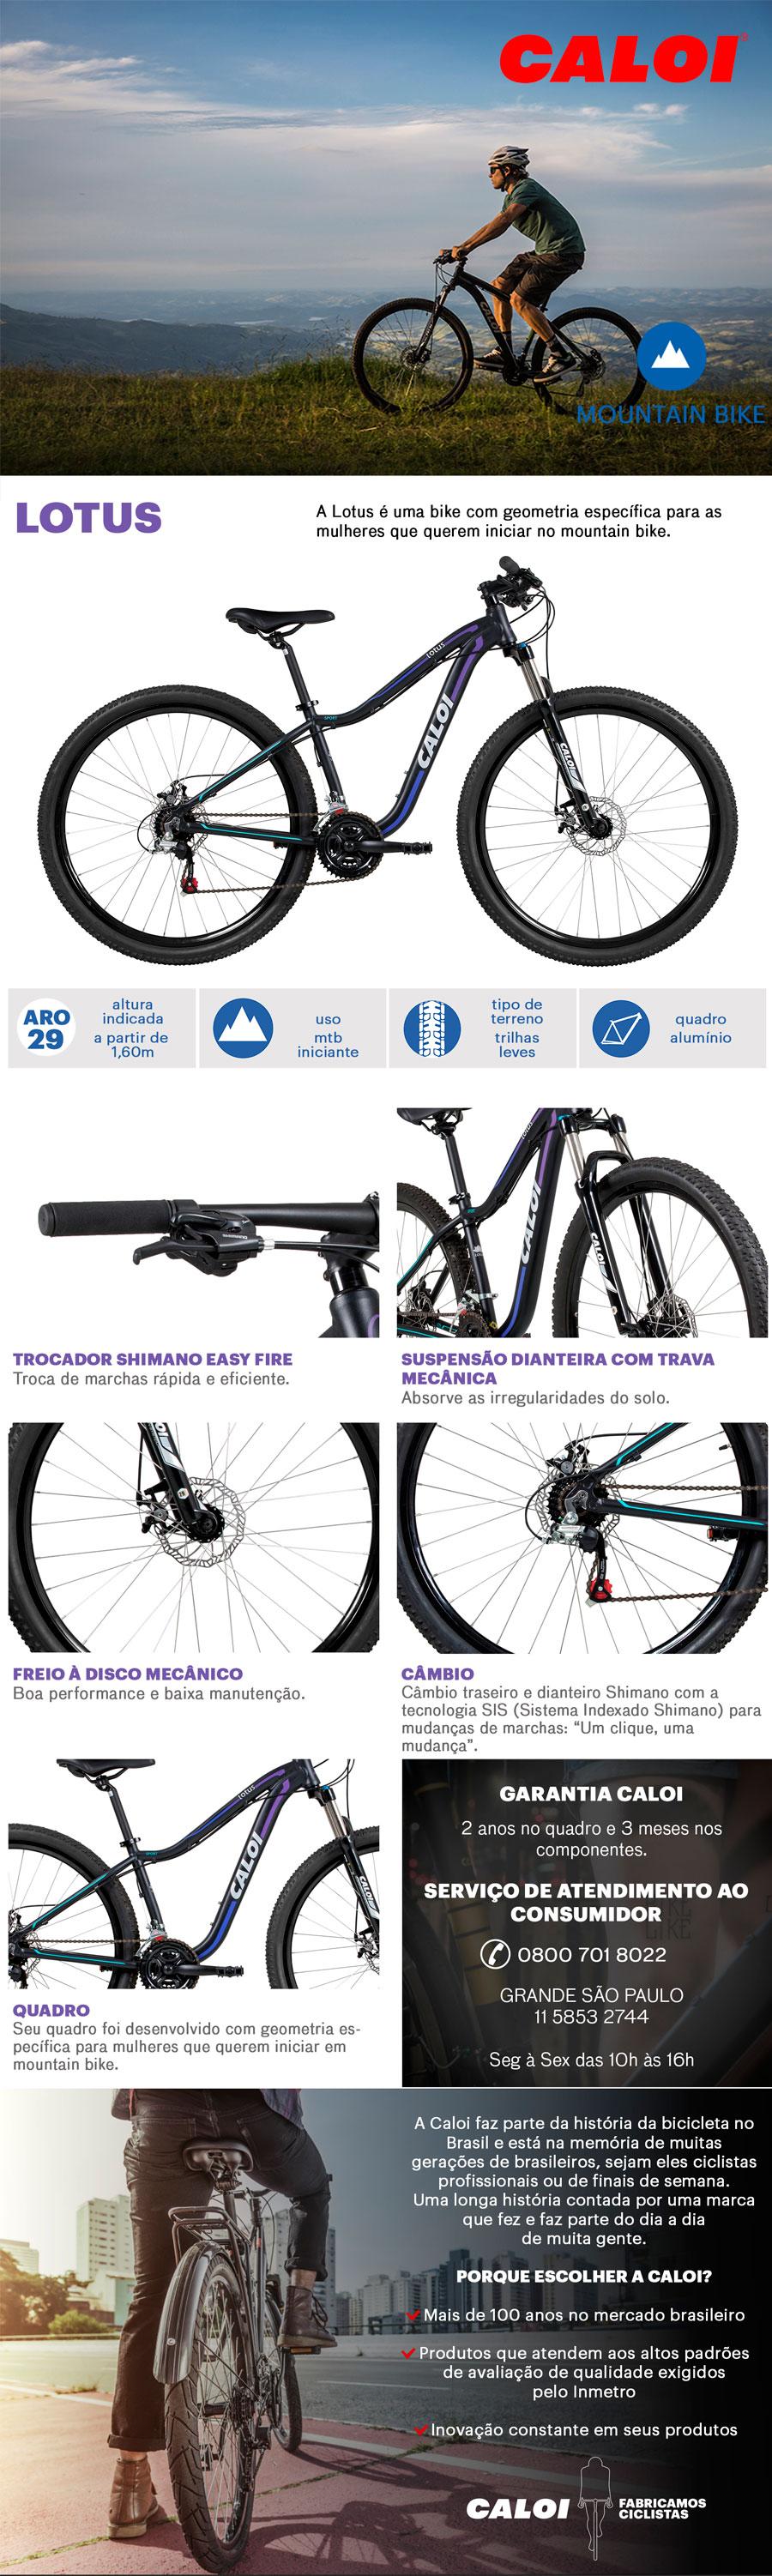 f6093844b Não perca a oportunidade e compre a sua Bicicleta Caloi Feminina hoje mesmo!